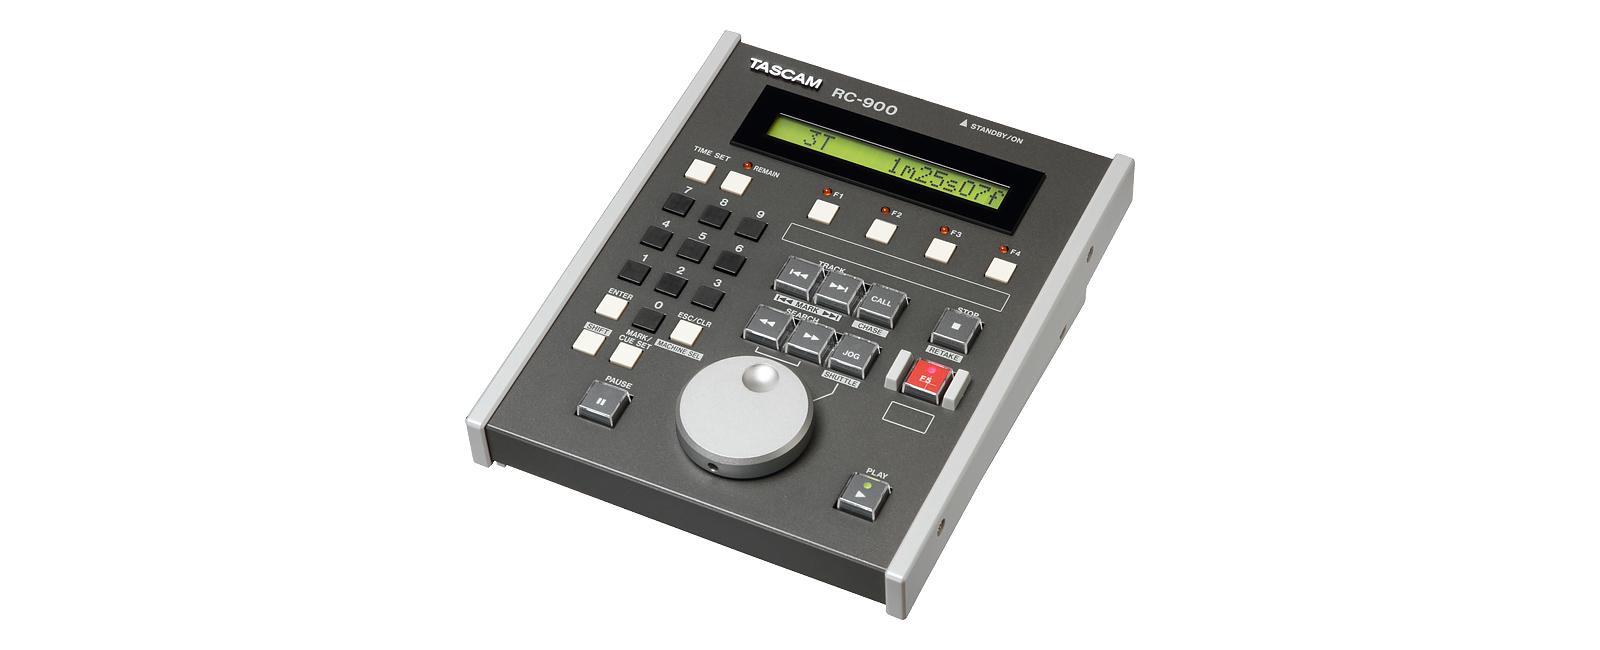 RC-900 ユニバーサルリモートコントロールユニット TASCAM